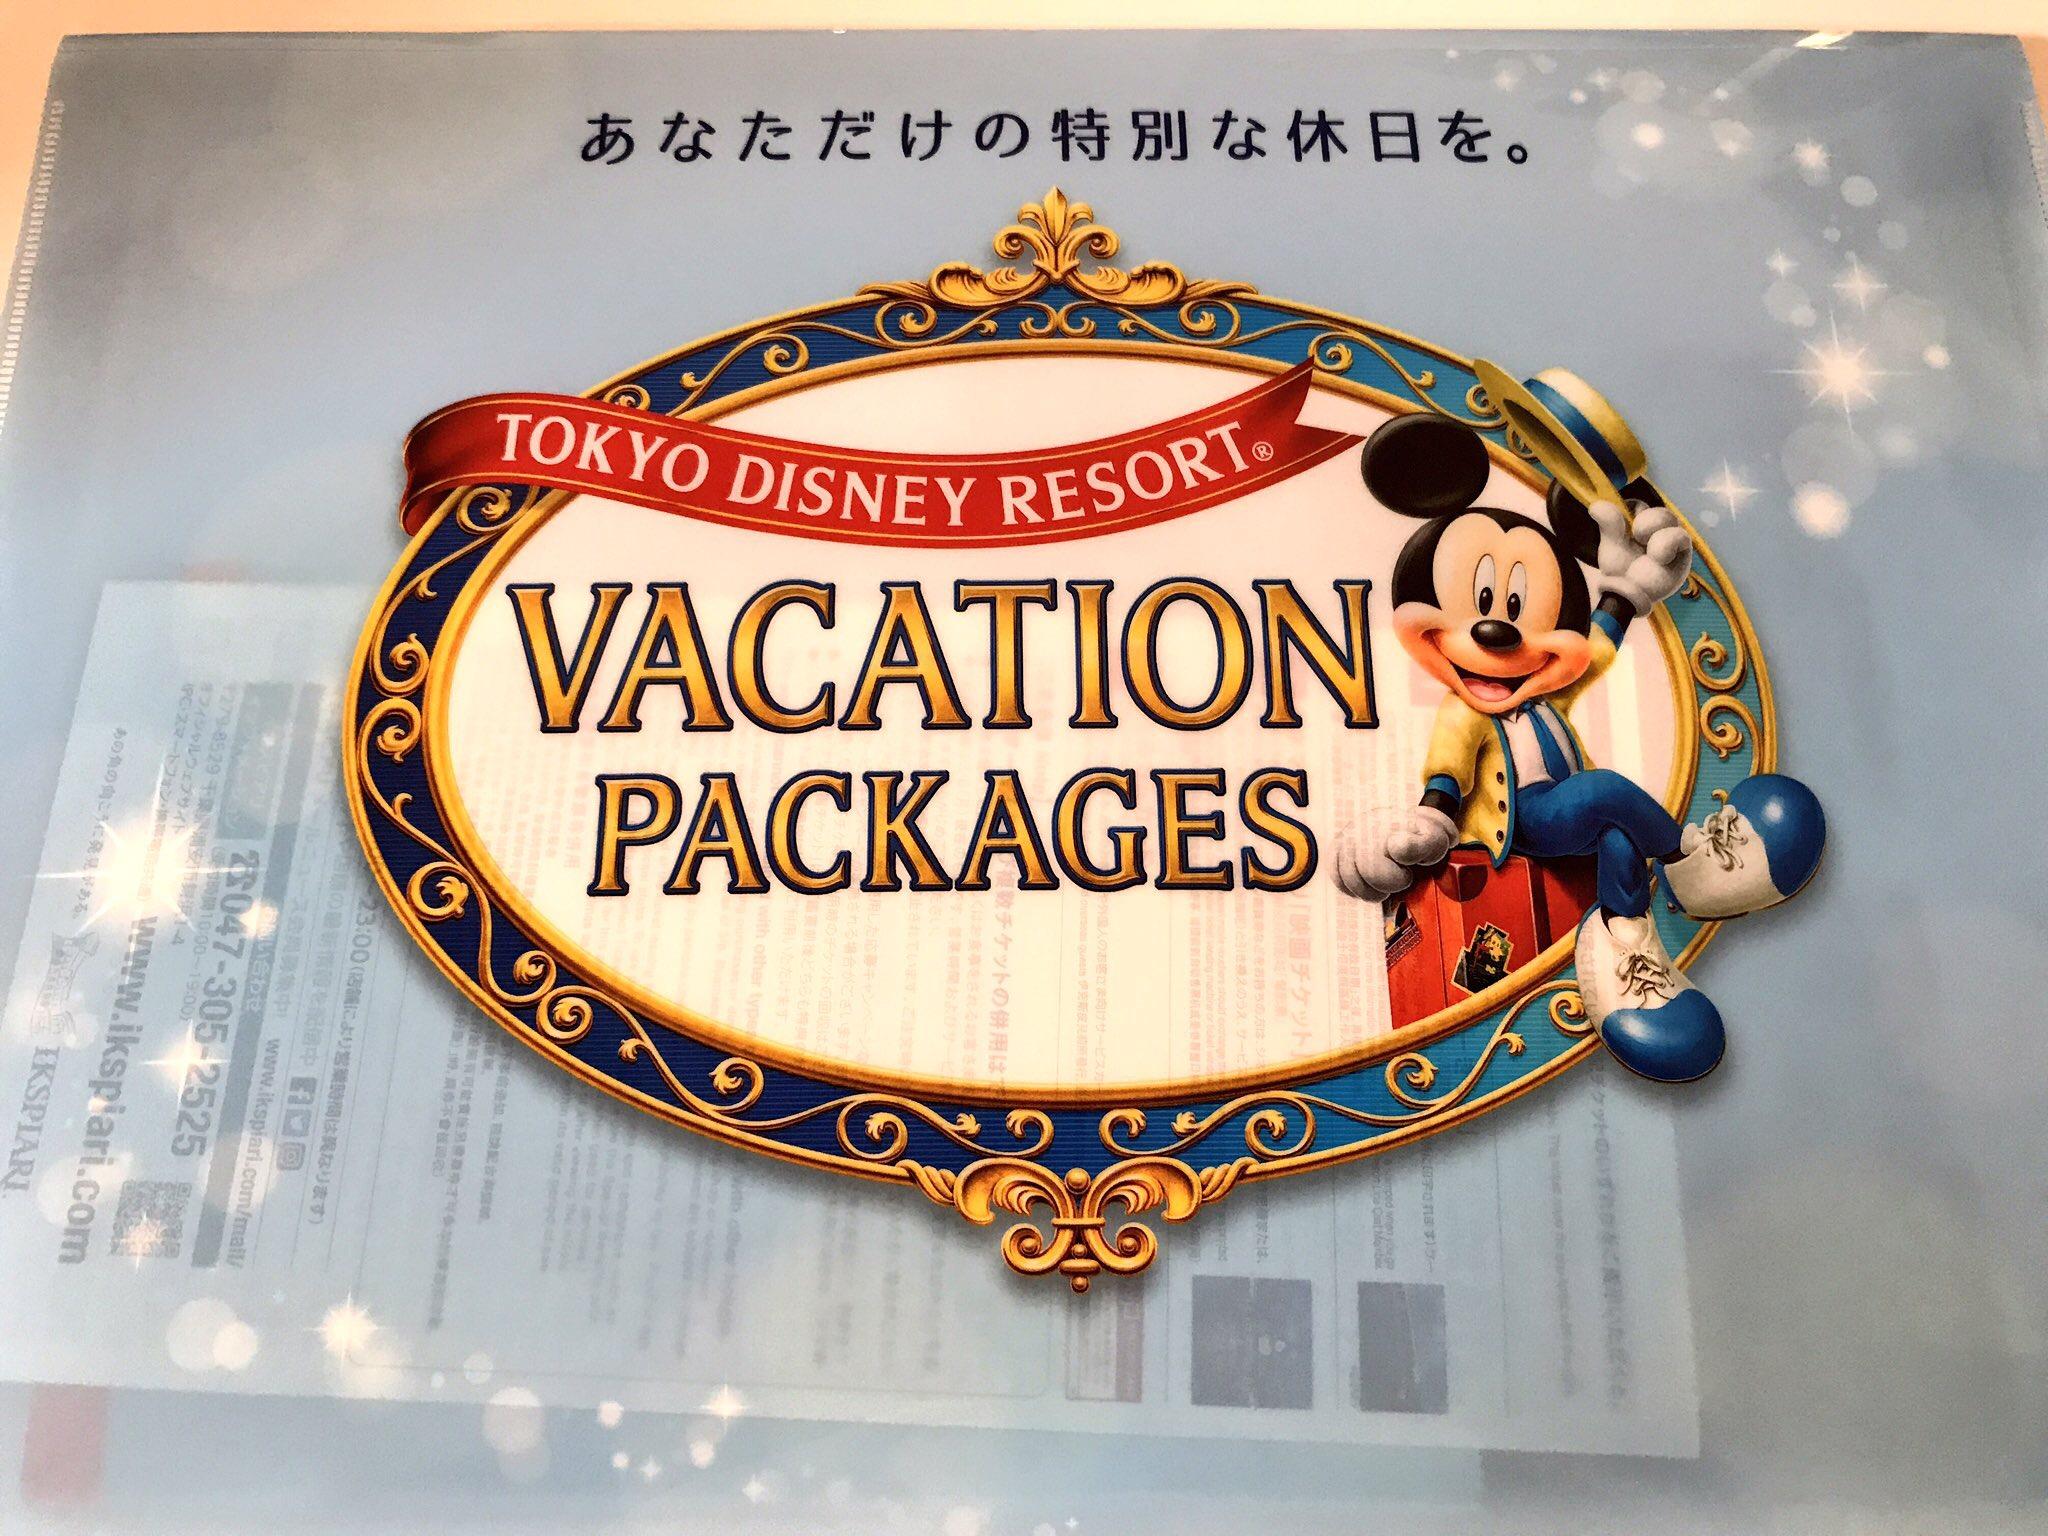 ディズニーのバケーションパッケージのおすすめの予約のコツと内容